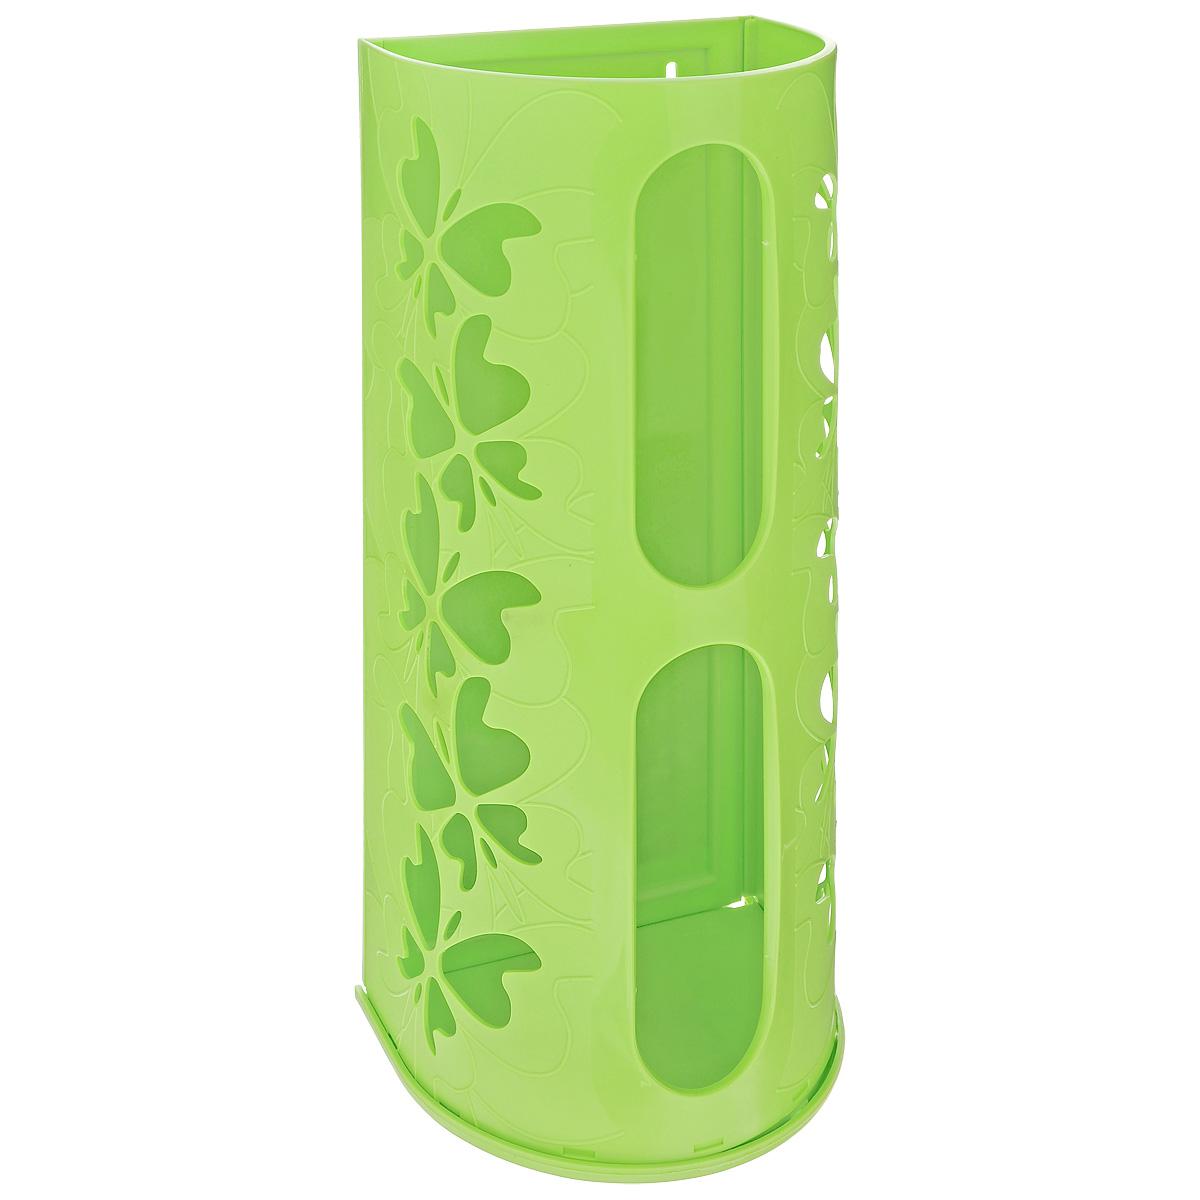 Корзина для пакетов Berossi Fly, цвет: салатовый, 16 х 13 х 37,5 смИК10338Корзина Berossi Fly выполнена из пластика и предназначена для хранения пакетов для продуктов. Изделие декорировано перфорацией в виде бабочек и крепится к стене при помощи трех саморезов (входят в комплект). Корзина легко собирается и разбирается. Имеет два отверстия, из которых удобно вынимать пакеты.Корзина Berossi Fly позволяет хранить пакеты в одном месте. Размер корзины (в собранном виде): 16 см х 13 см х 37,5 см.